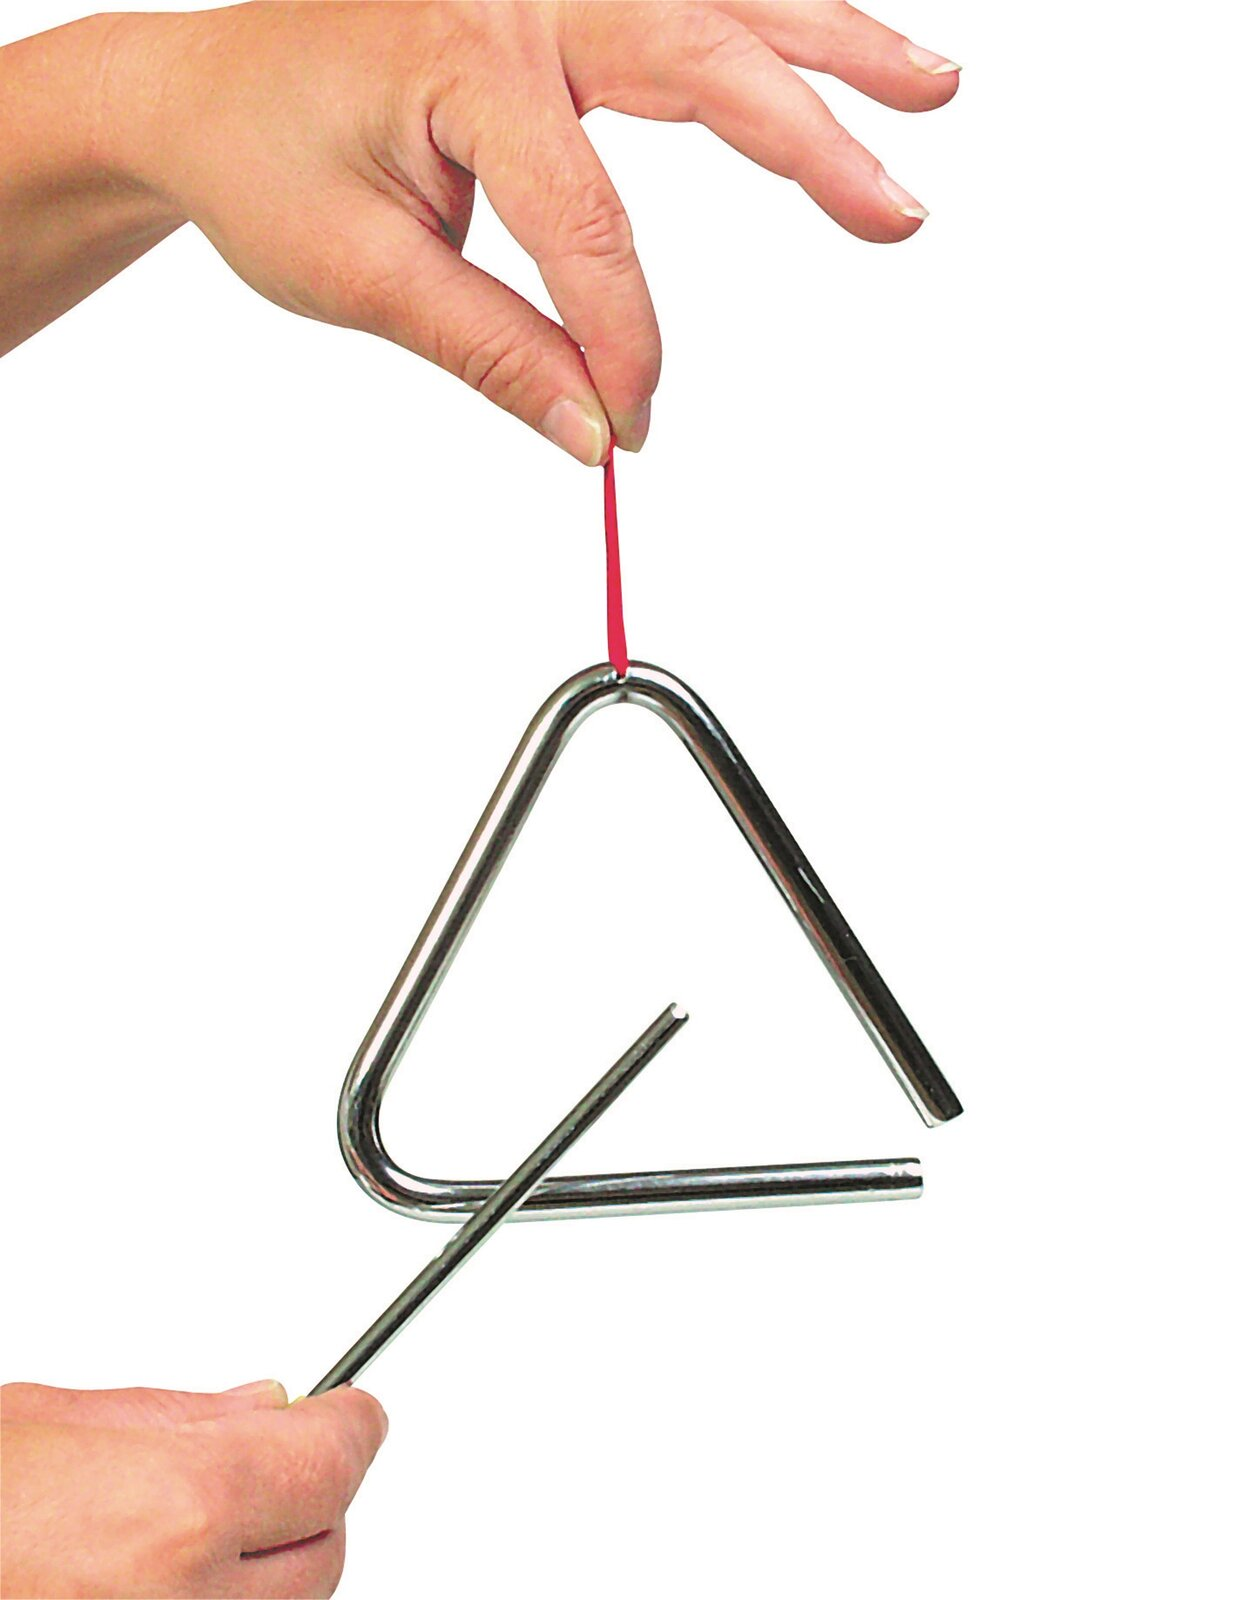 Ilustracja przedstawia trójkąt jest to instrument muzyczny, perkusyjny zgrupy idiofonów onieokreślonej wysokości dźwięku. Trójkąt wykonany jest zmetalowego pręta wygiętego wtrójkątny kształt. Gra na nim polega na uderzaniu metalową pałeczką wktórąkolwiek część trójkąta, najczęściej wpoziomy pręt. Wydaje on dźwięczny, wysoki, metaliczny ton.